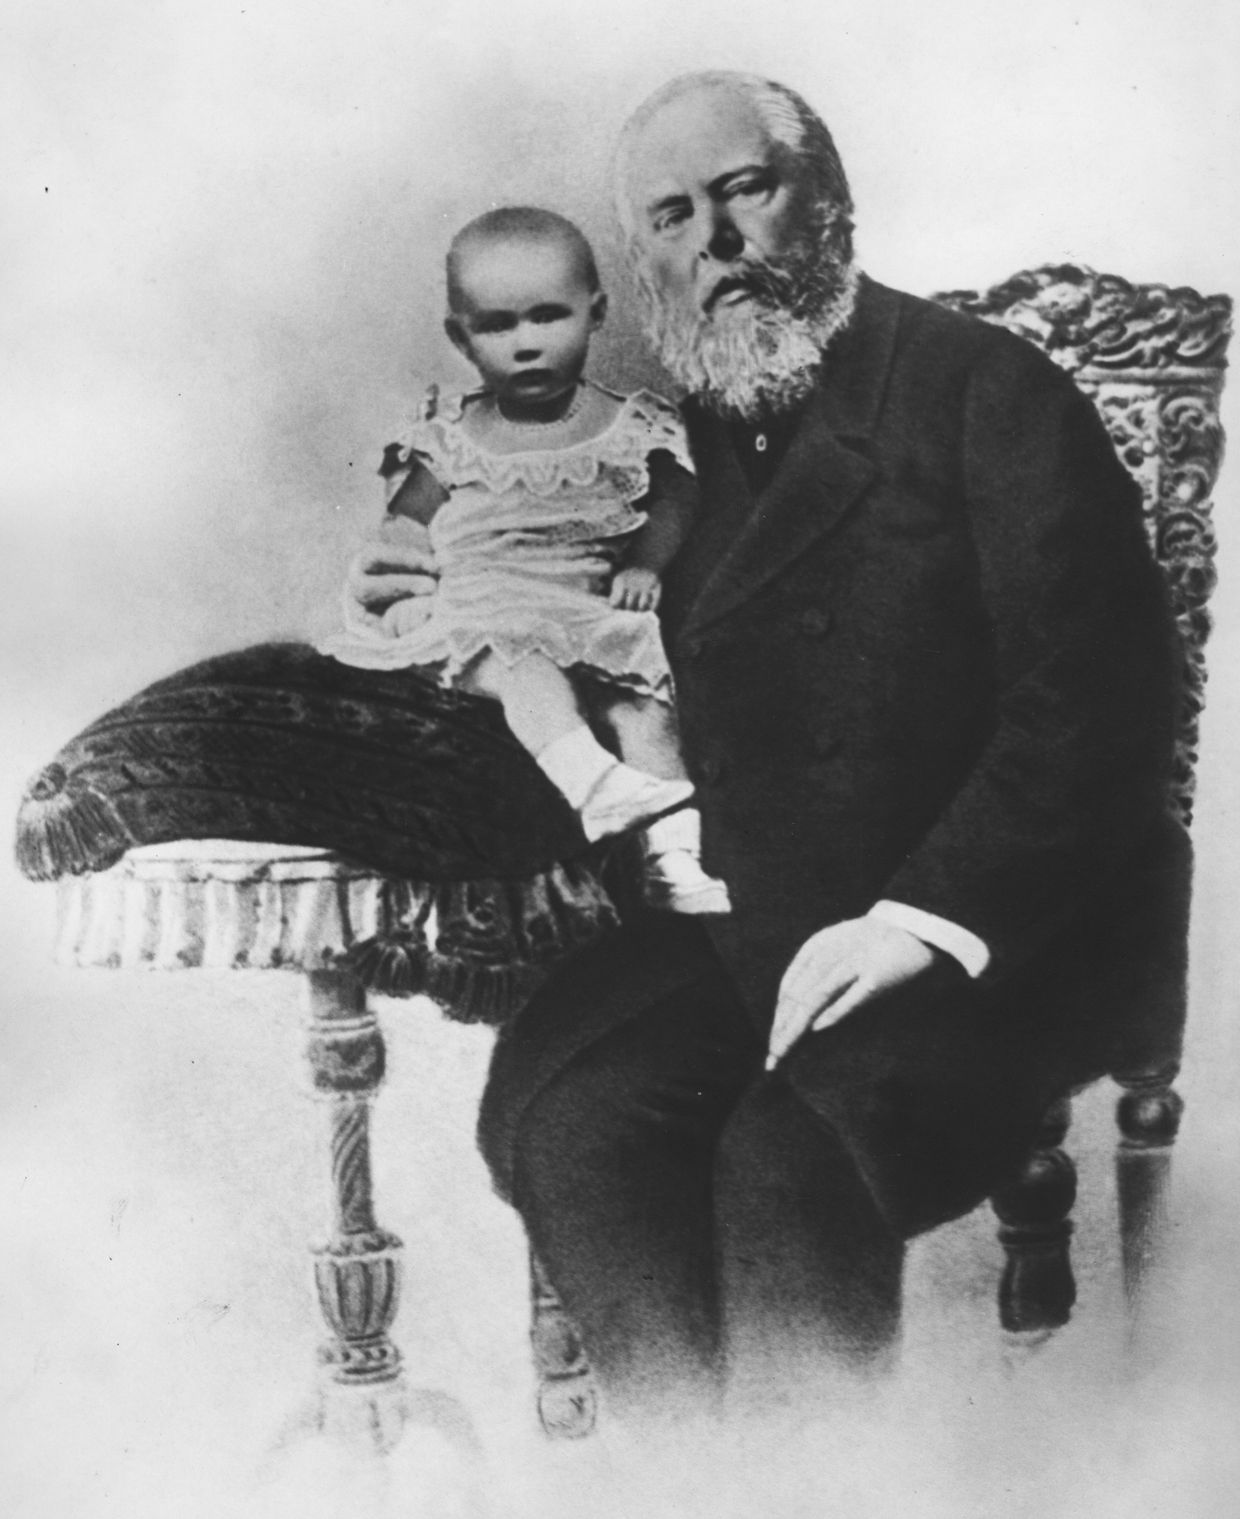 """Koning Willem III in 1881 met zijn dochter, de latere koningin Wilhelmina. Willem III zou """"half waanzinnig"""" zijn geweest."""